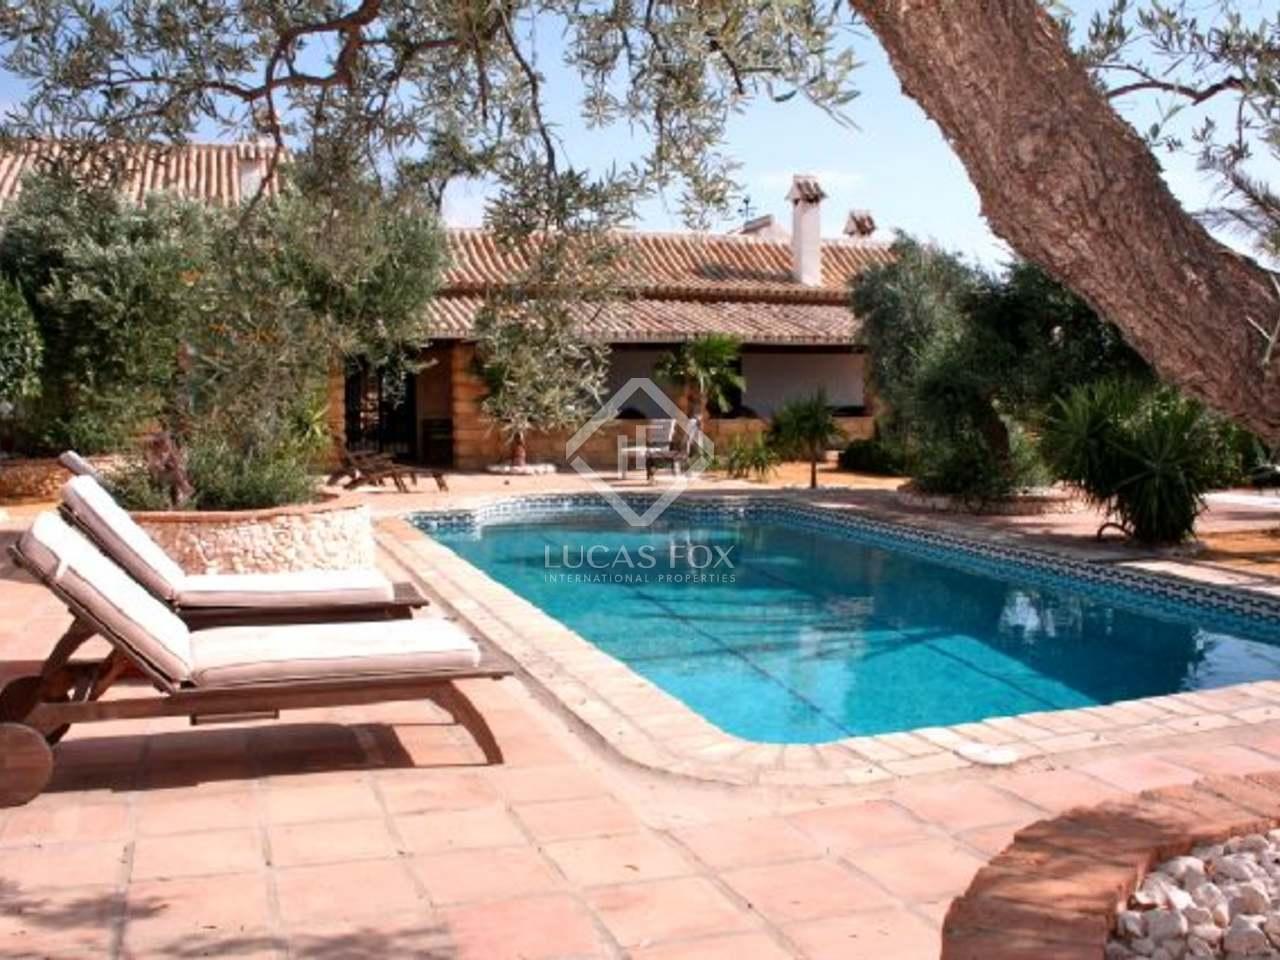 Casa de campo con olivares en venta cerca de sevilla for Piscina ciudad jardin sevilla